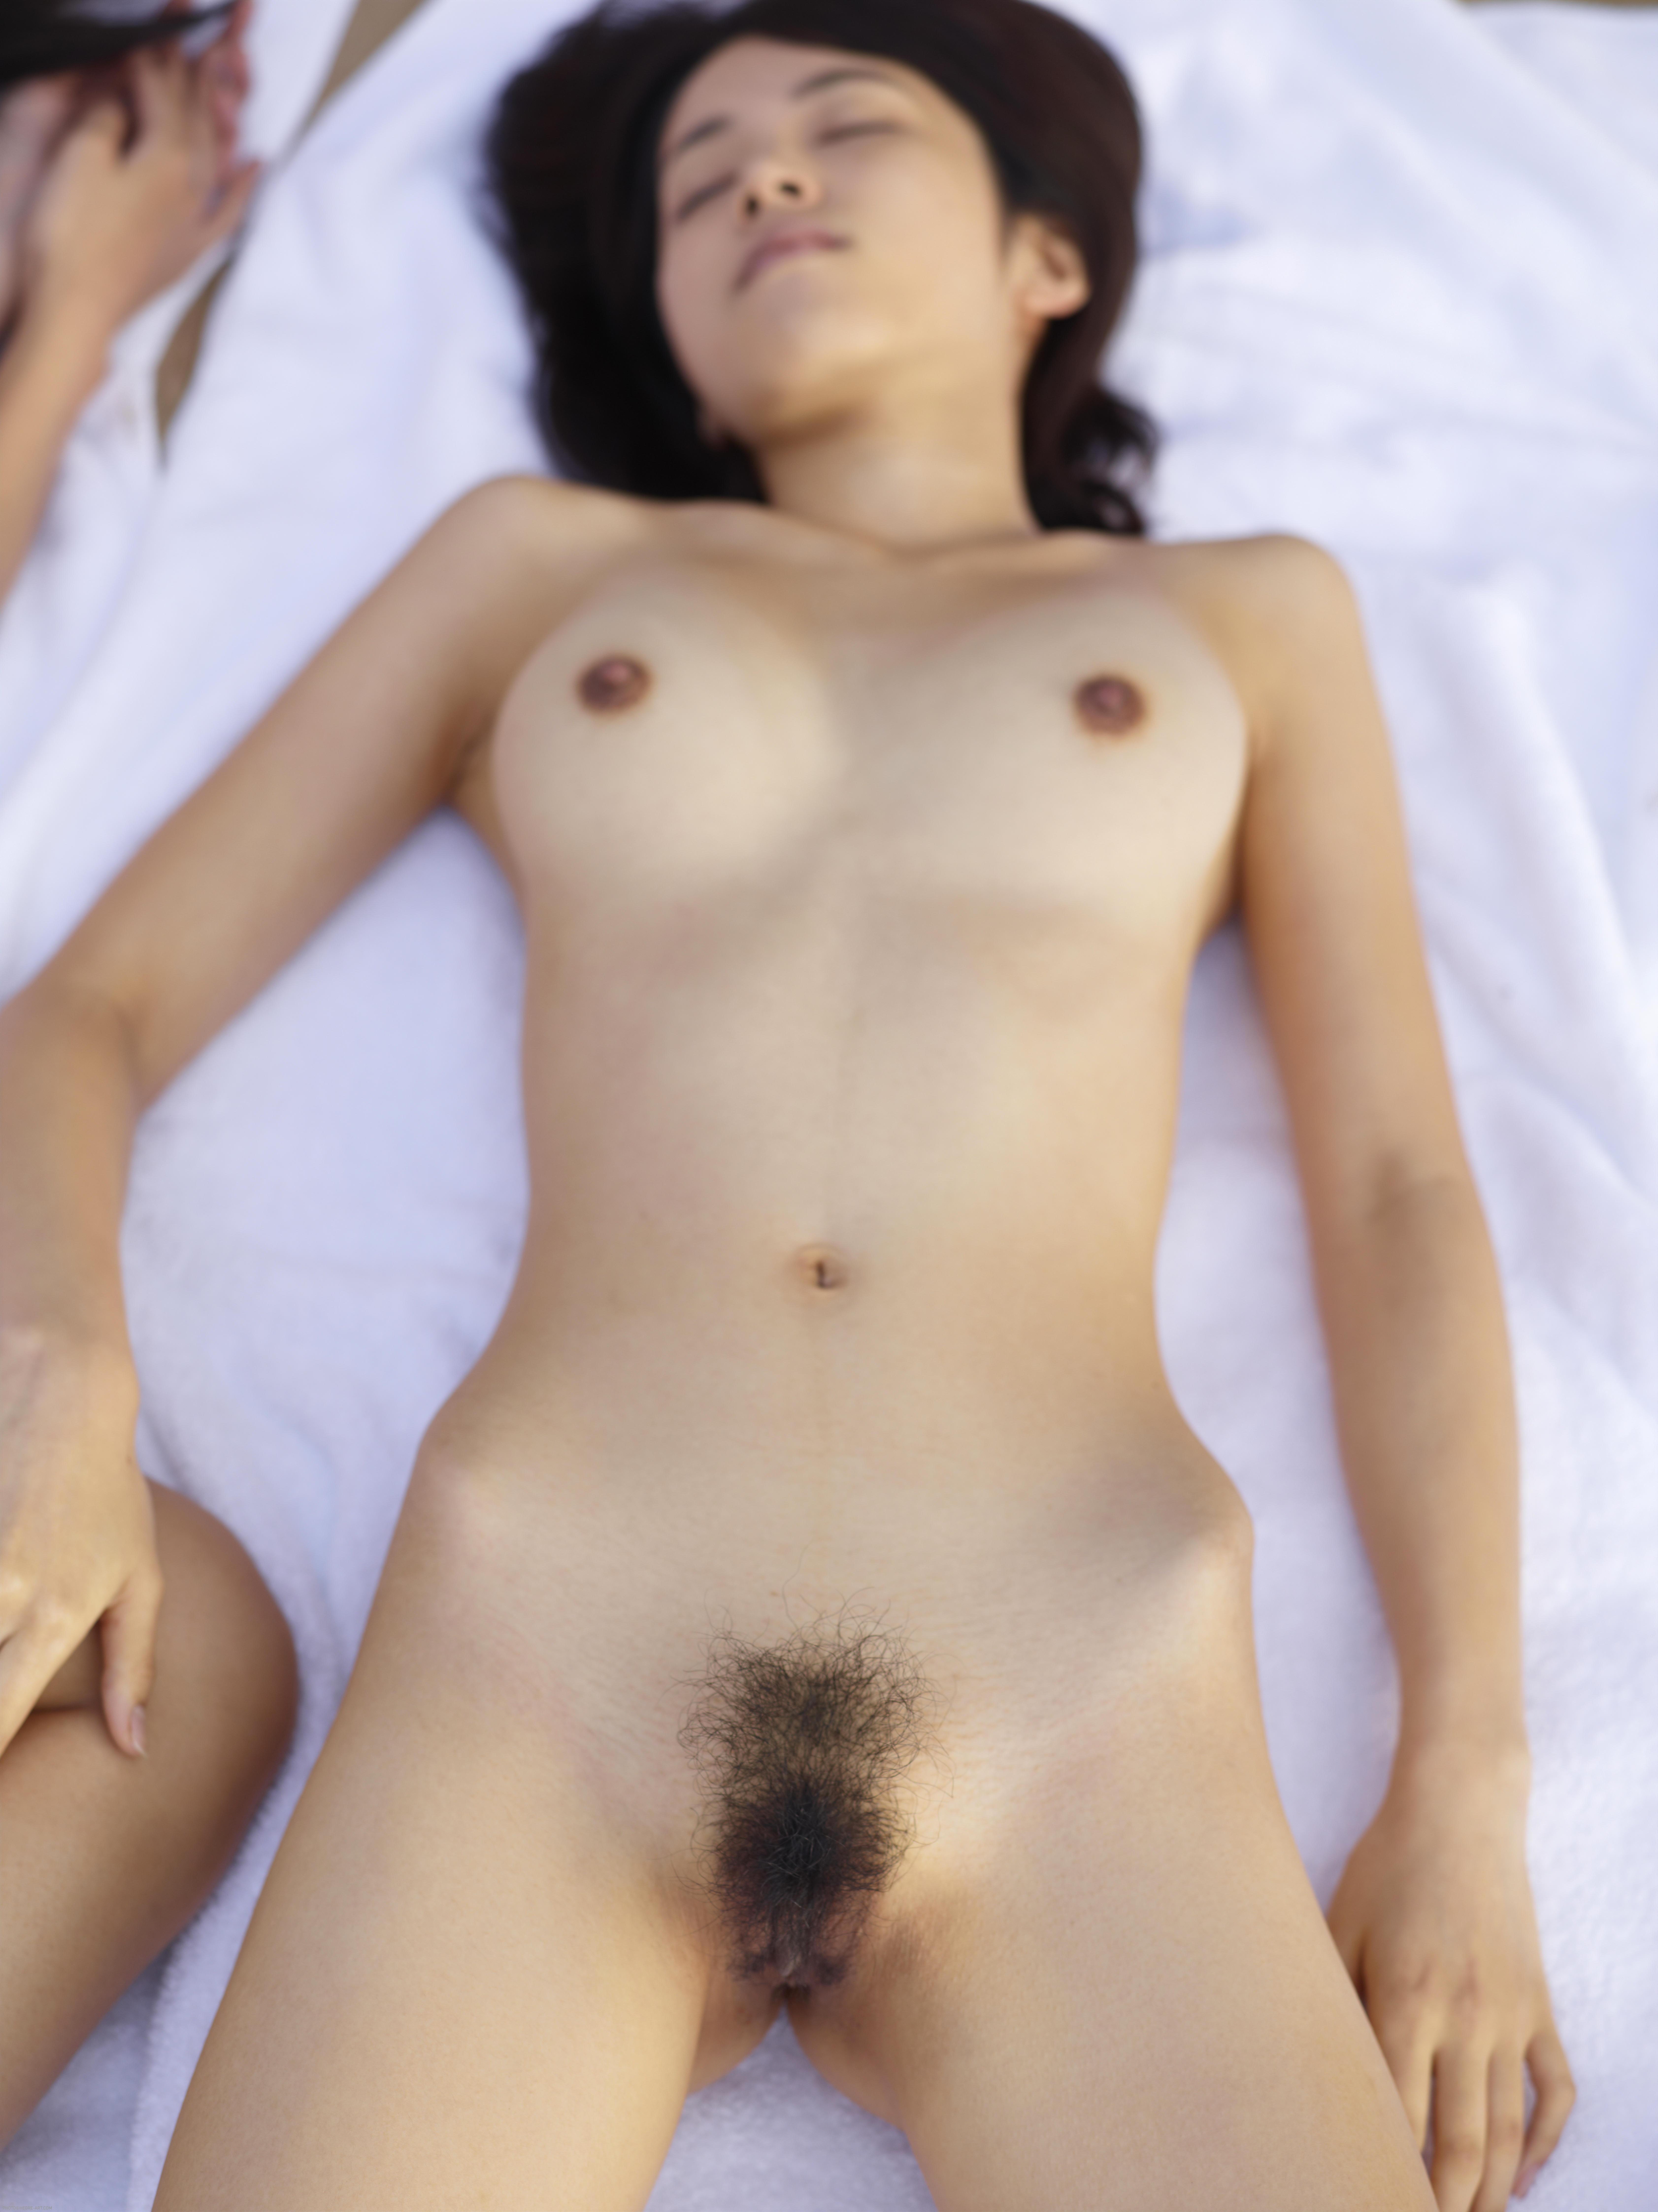 Konata And Lulu Nude Beach 2010 12 15 047 xxxxl